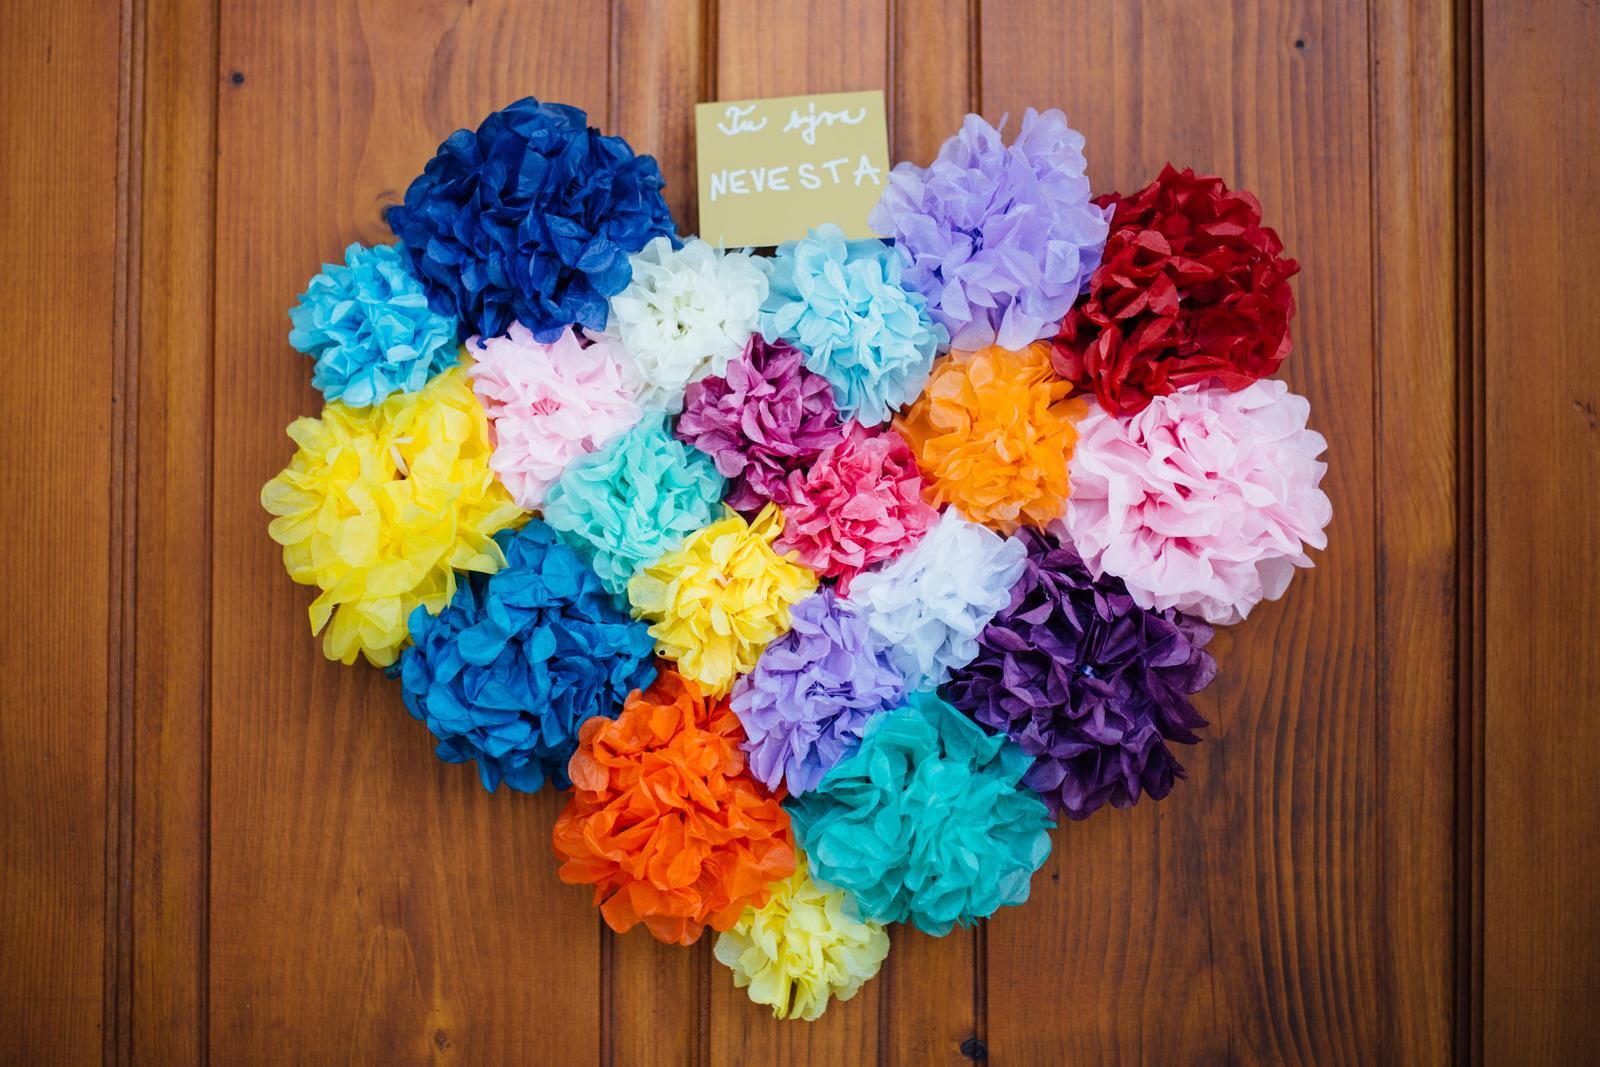 V našom dome býva nevesta :) zajtra sa moja milovaná sestrička @bebe8889 vydáva! Držím palce, nech všetko vyjde podľa tvojich predstáv, a nech si svadobný deň aj s Vladkom užijete. A nech všetko, čo príde potom, je ešte krajšie a farebnejšie ako vaša krásna farebná svadba :) teším sa, poriadne to zajtra oslávime! :) - Obrázok č. 1